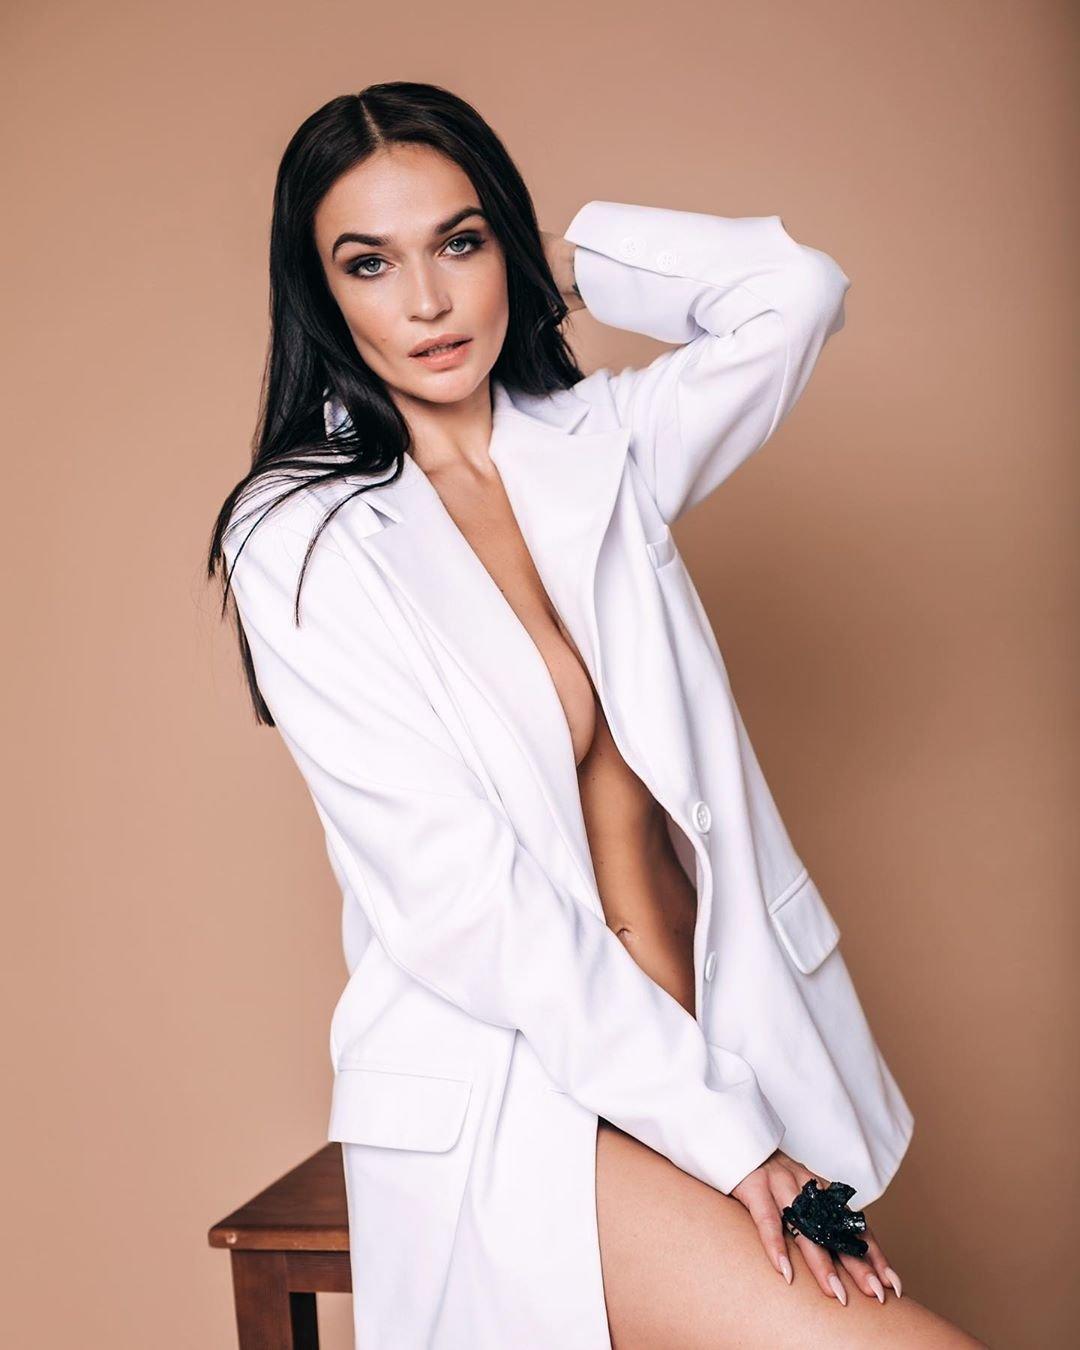 Алёна Водонаева восхитила сексуальным телом в чёрном боди